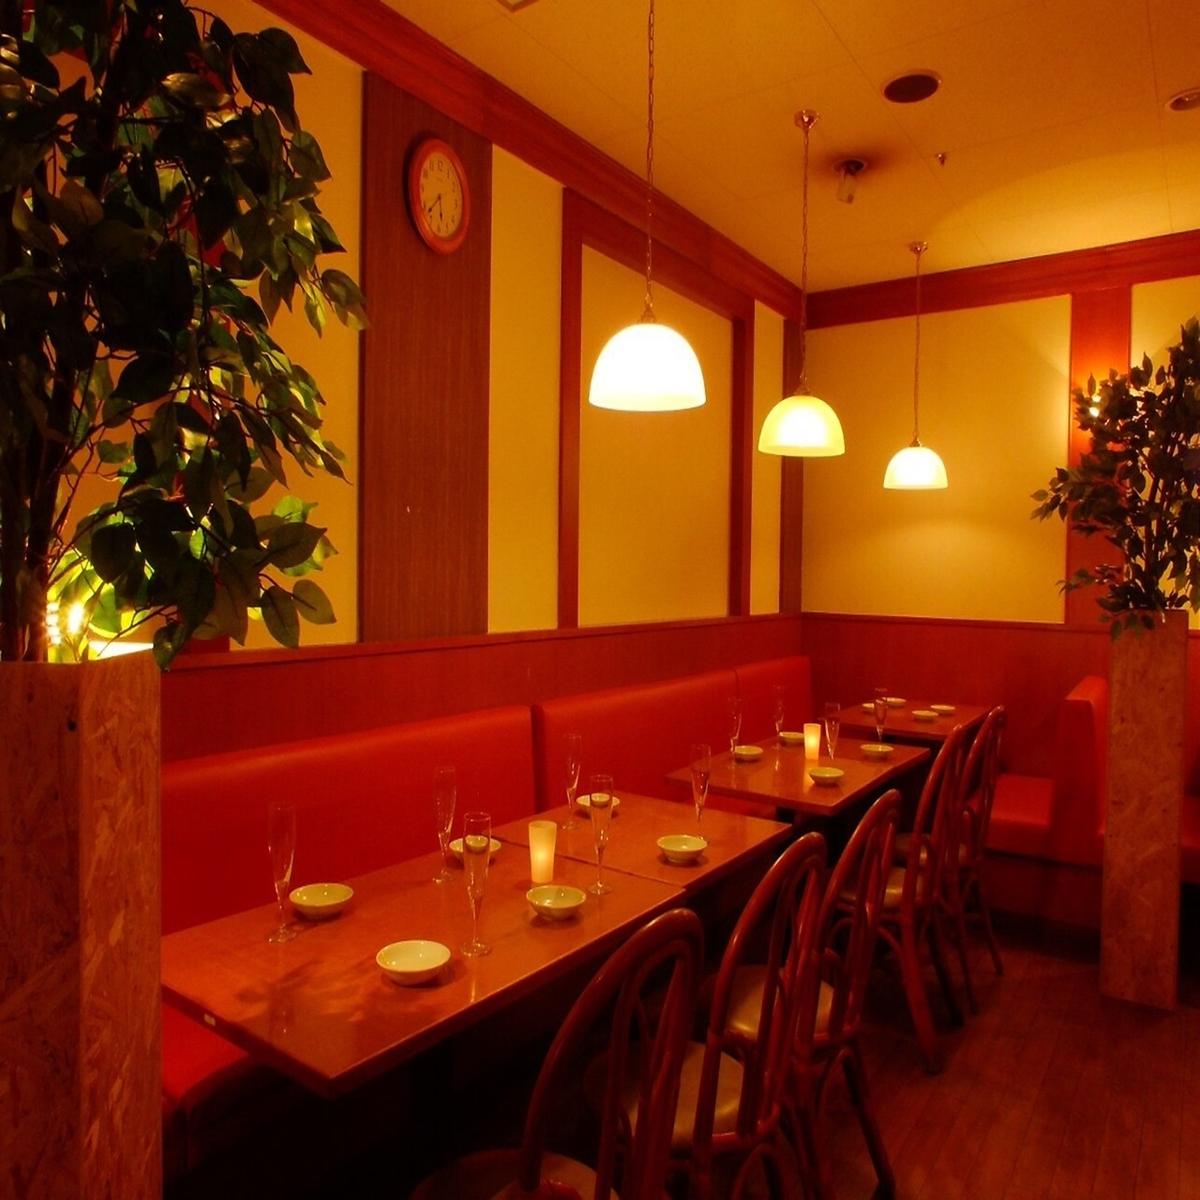 它是舉辦宴會的理想場所,可容納16至30人/ 16人至30人的團體。